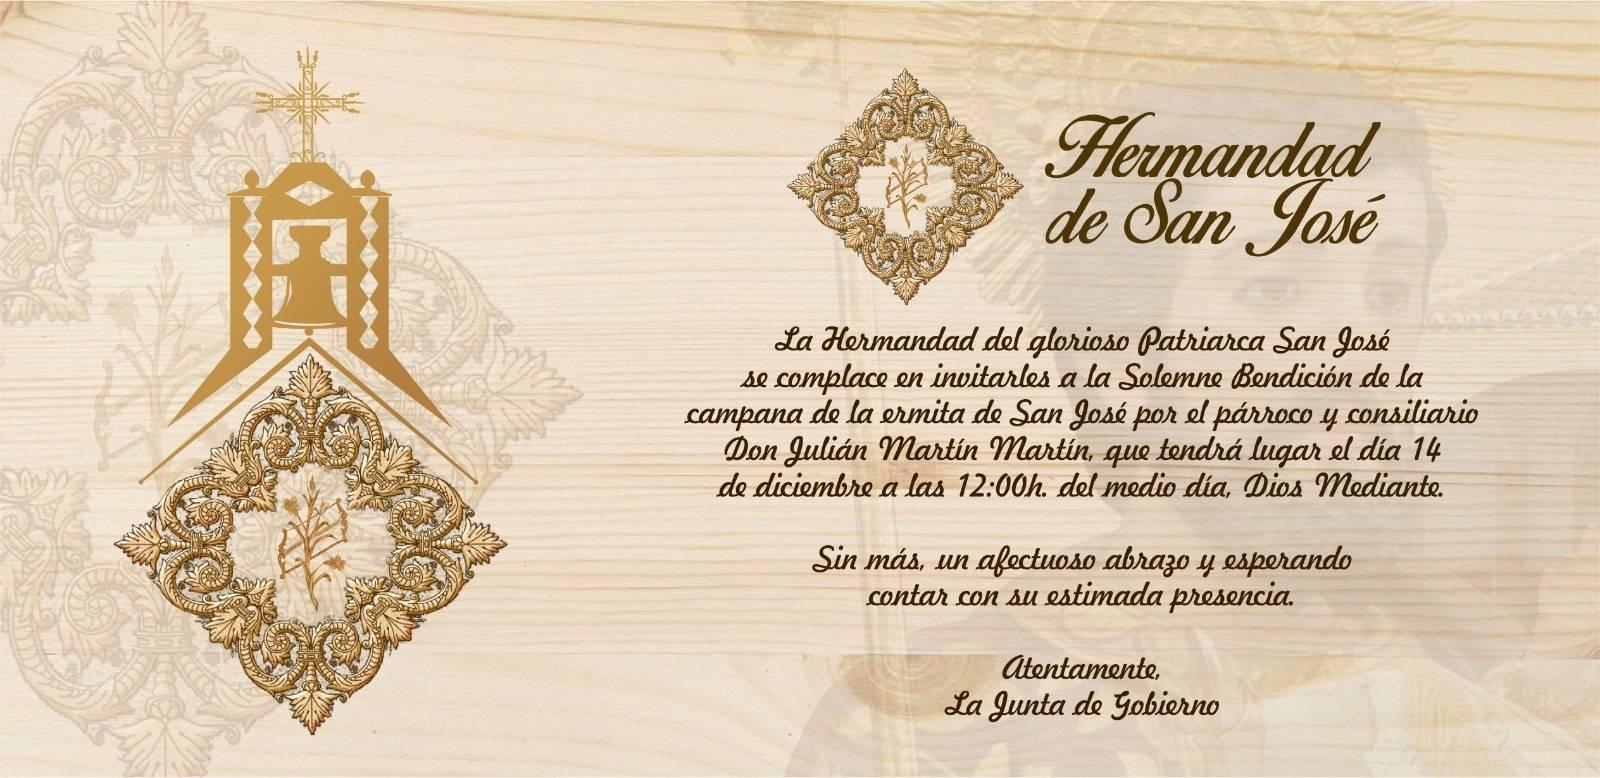 Invitación a la bendición de la nueva campana de san Jose - Nueva campana para la ermita de San José